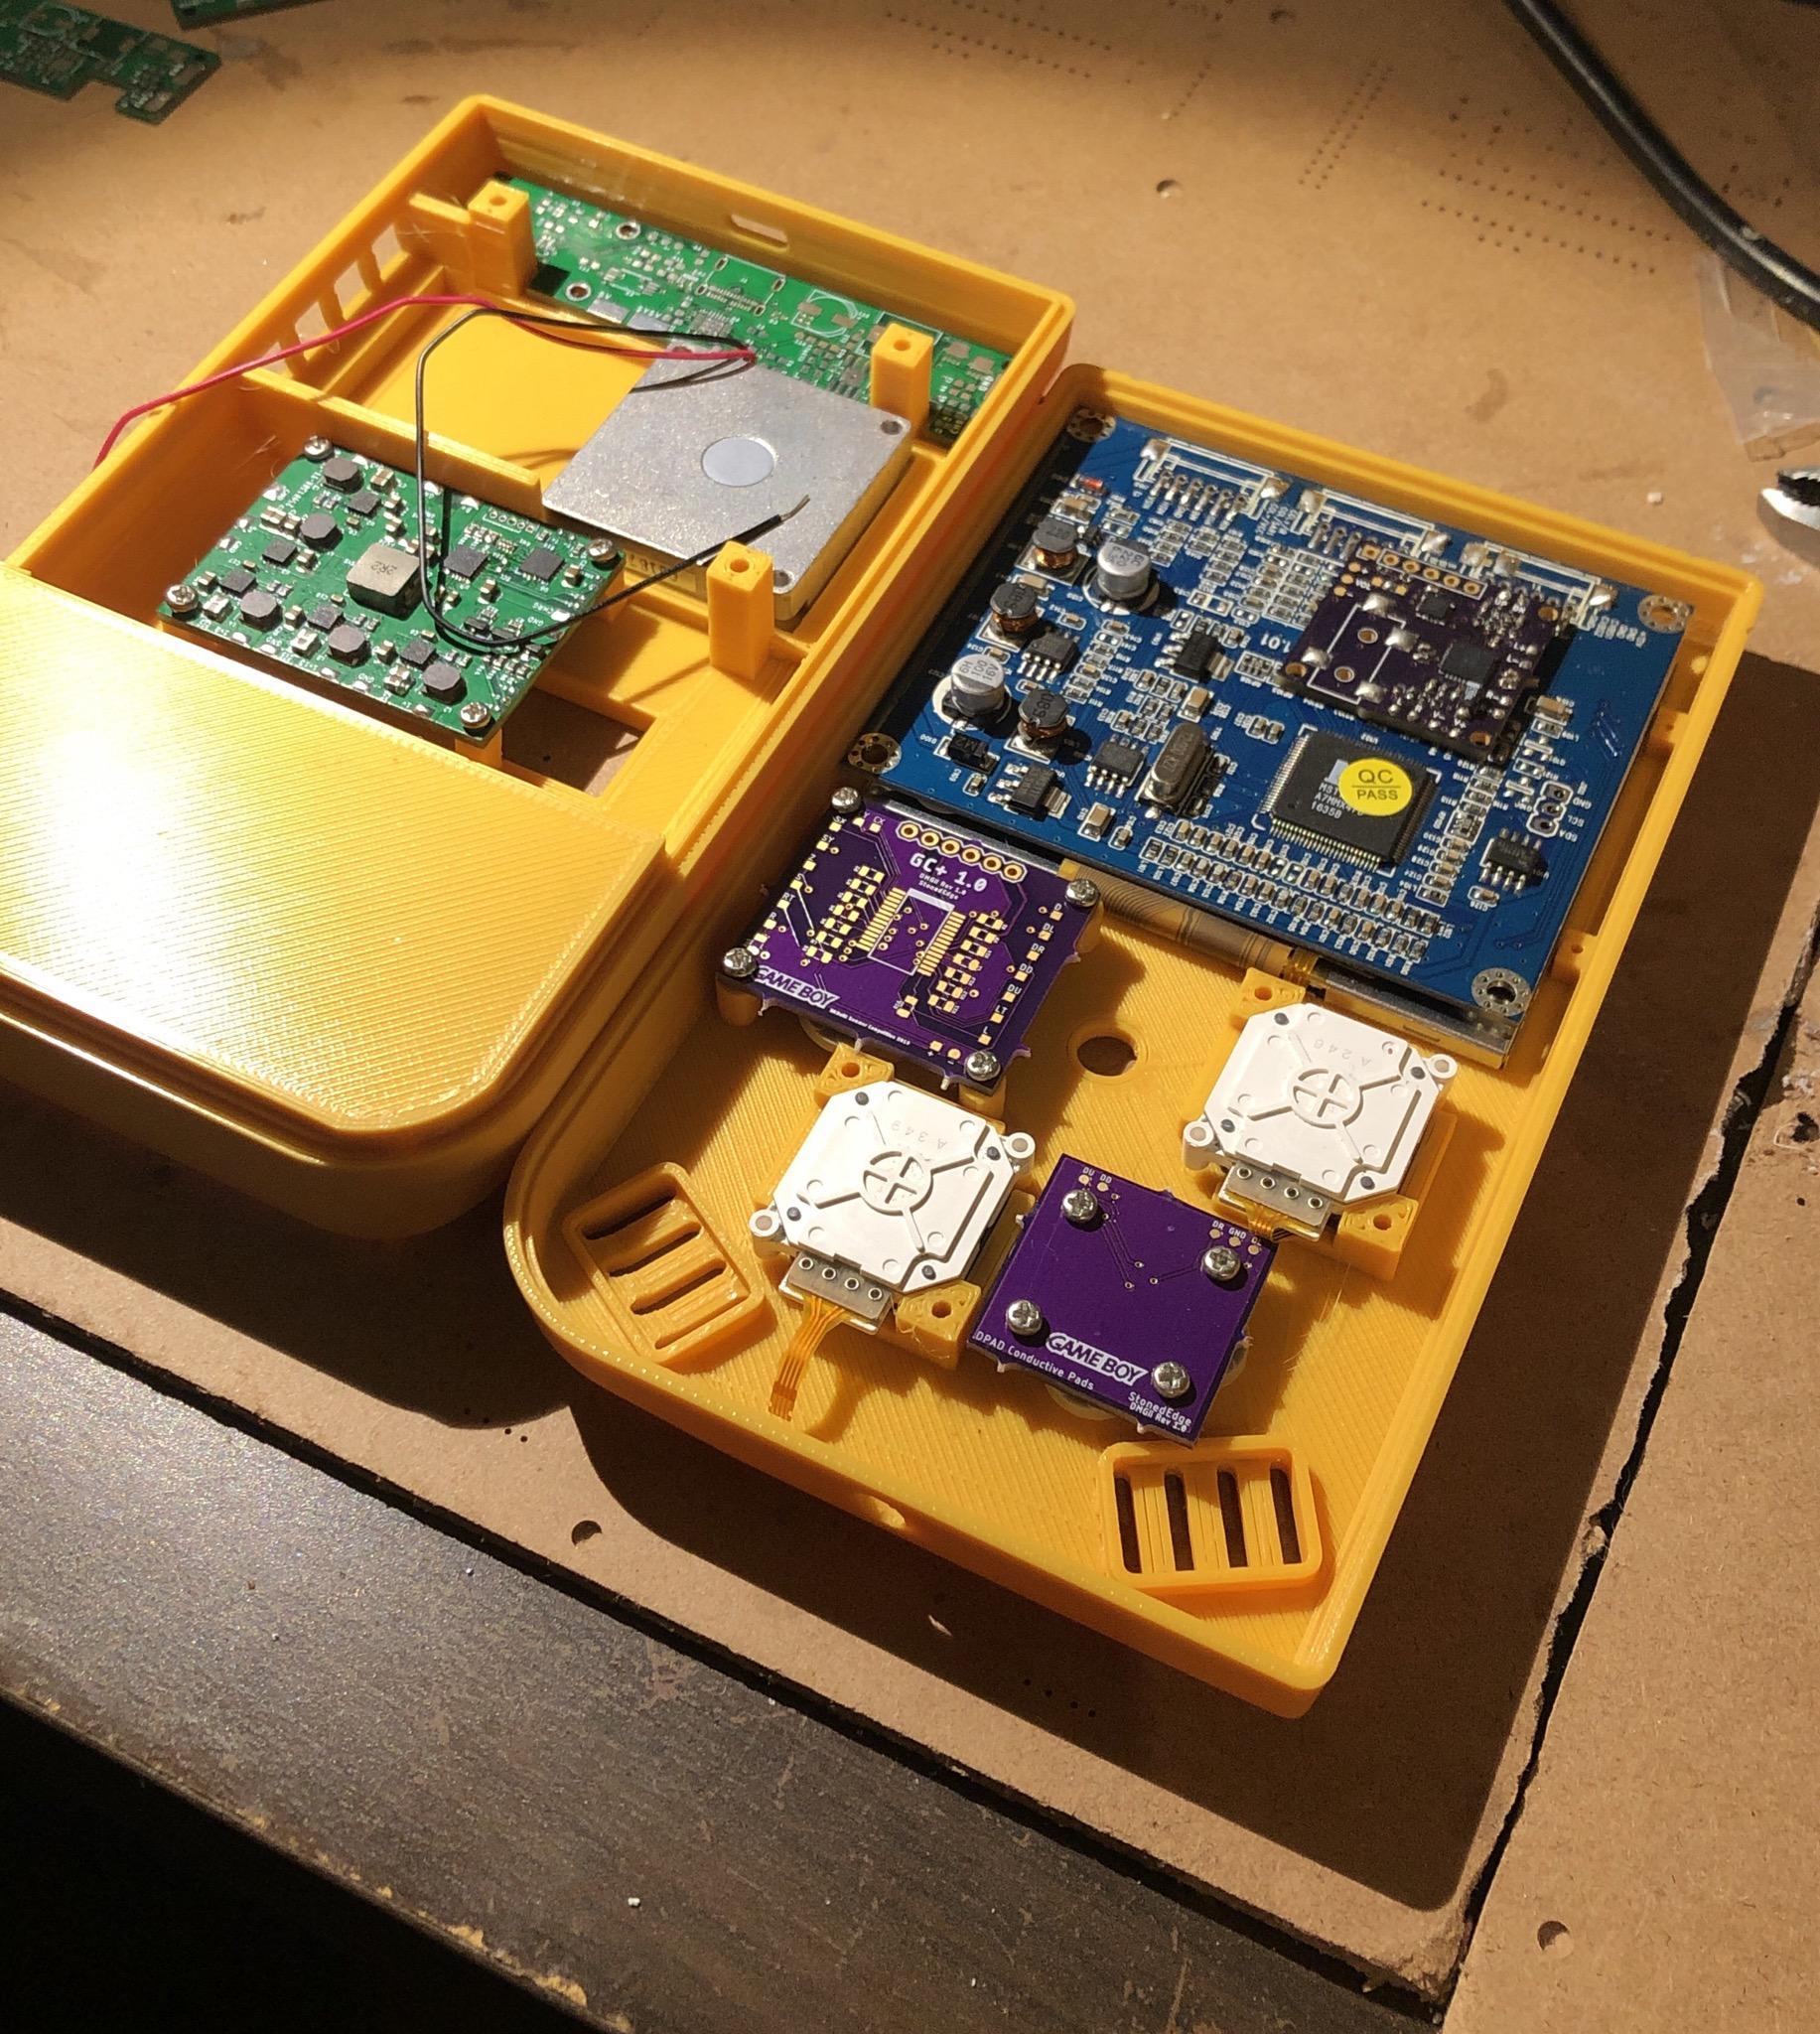 EDD6253C-1D2B-498A-B9D9-B2D1725AB89B.jpeg